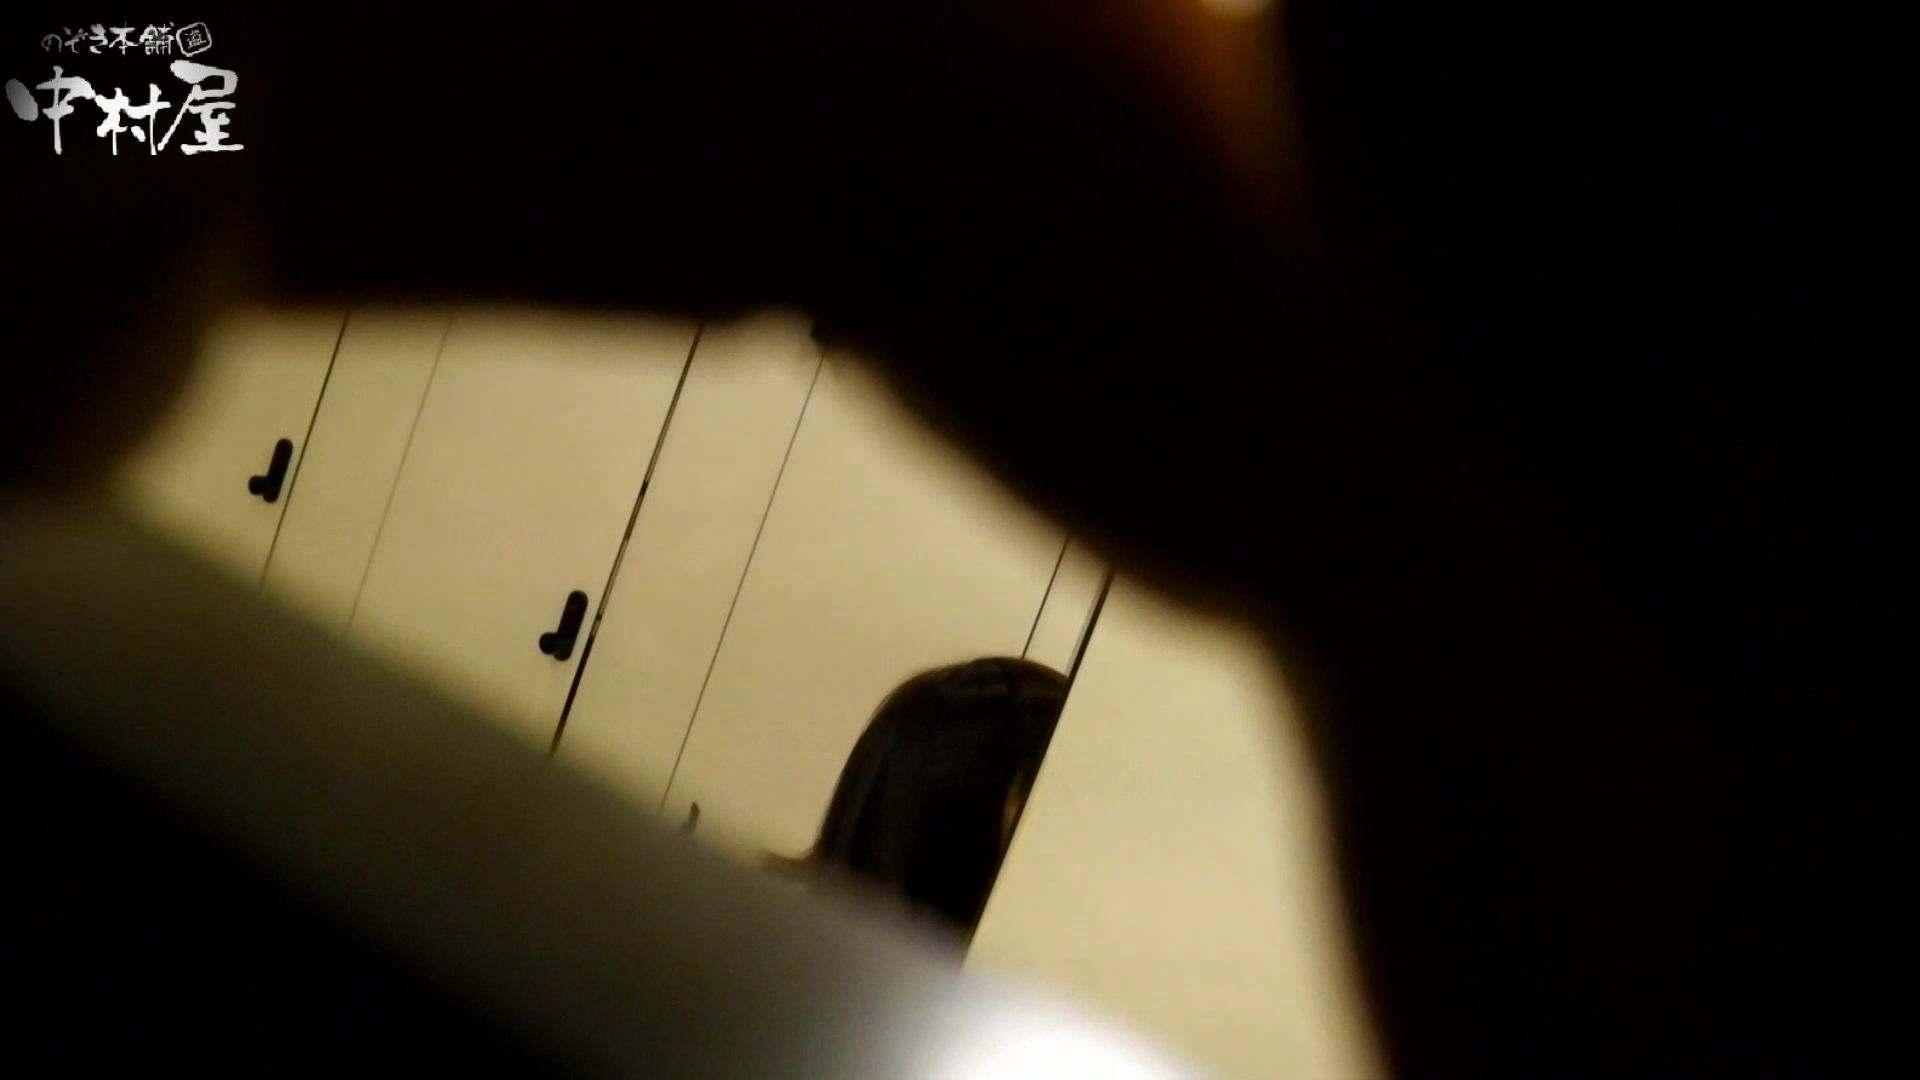 新世界の射窓 No72 モデル級なら個室から飛び出て追っかけます 洗面所   0  99画像 57